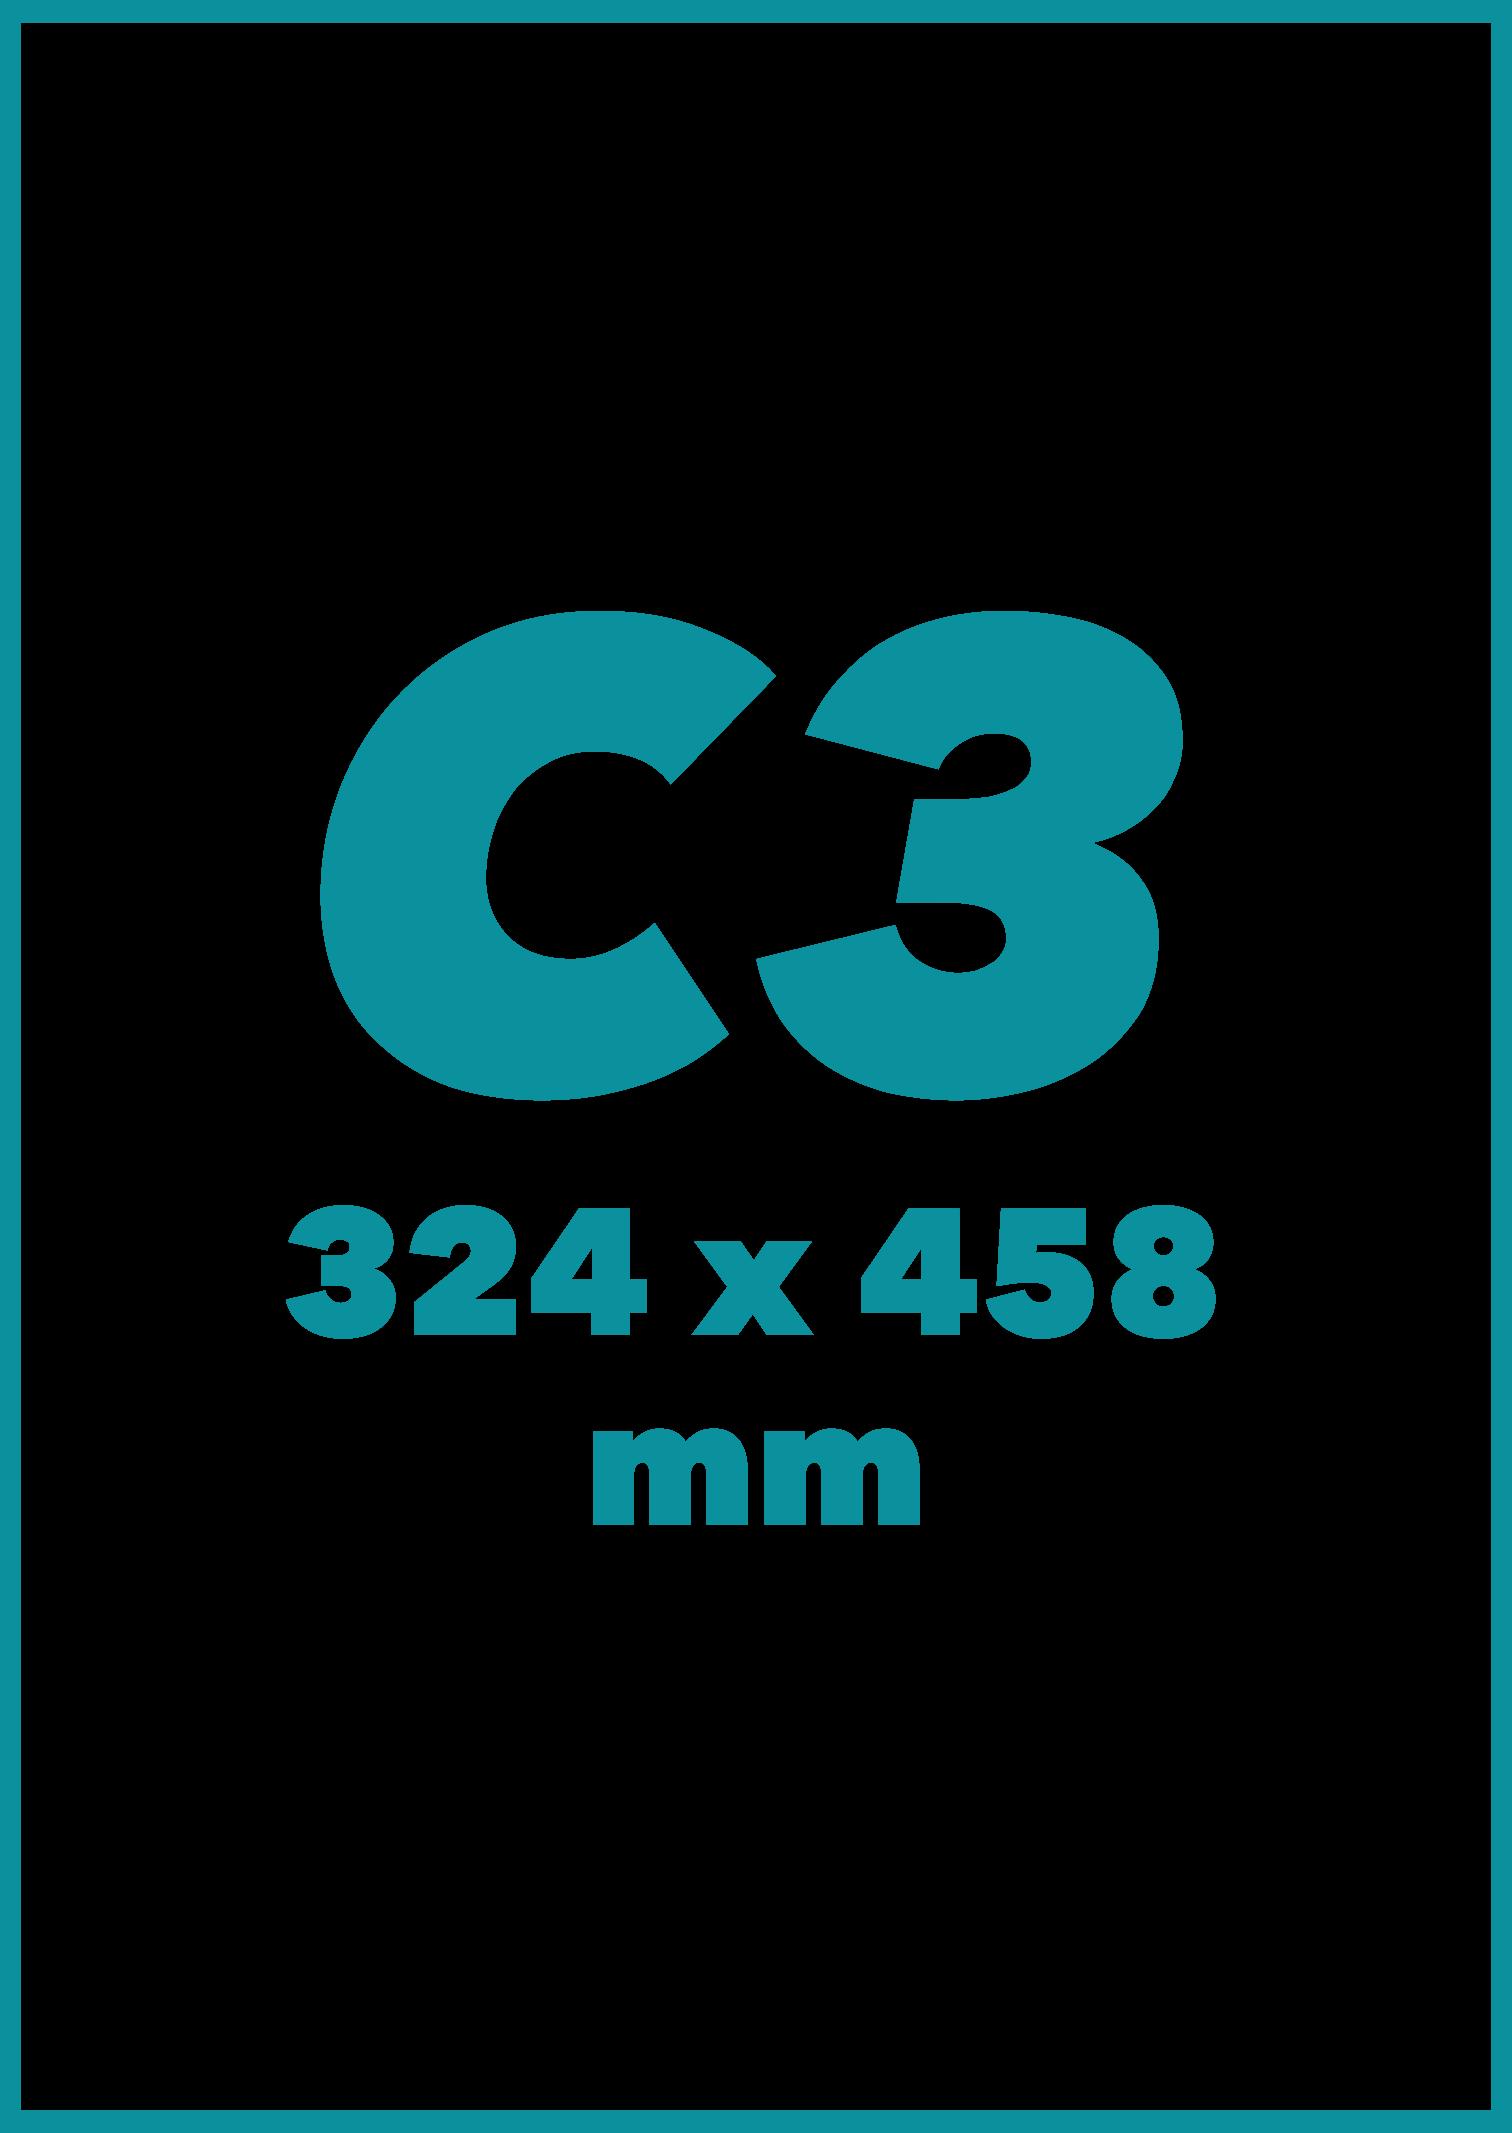 C3 Formatas